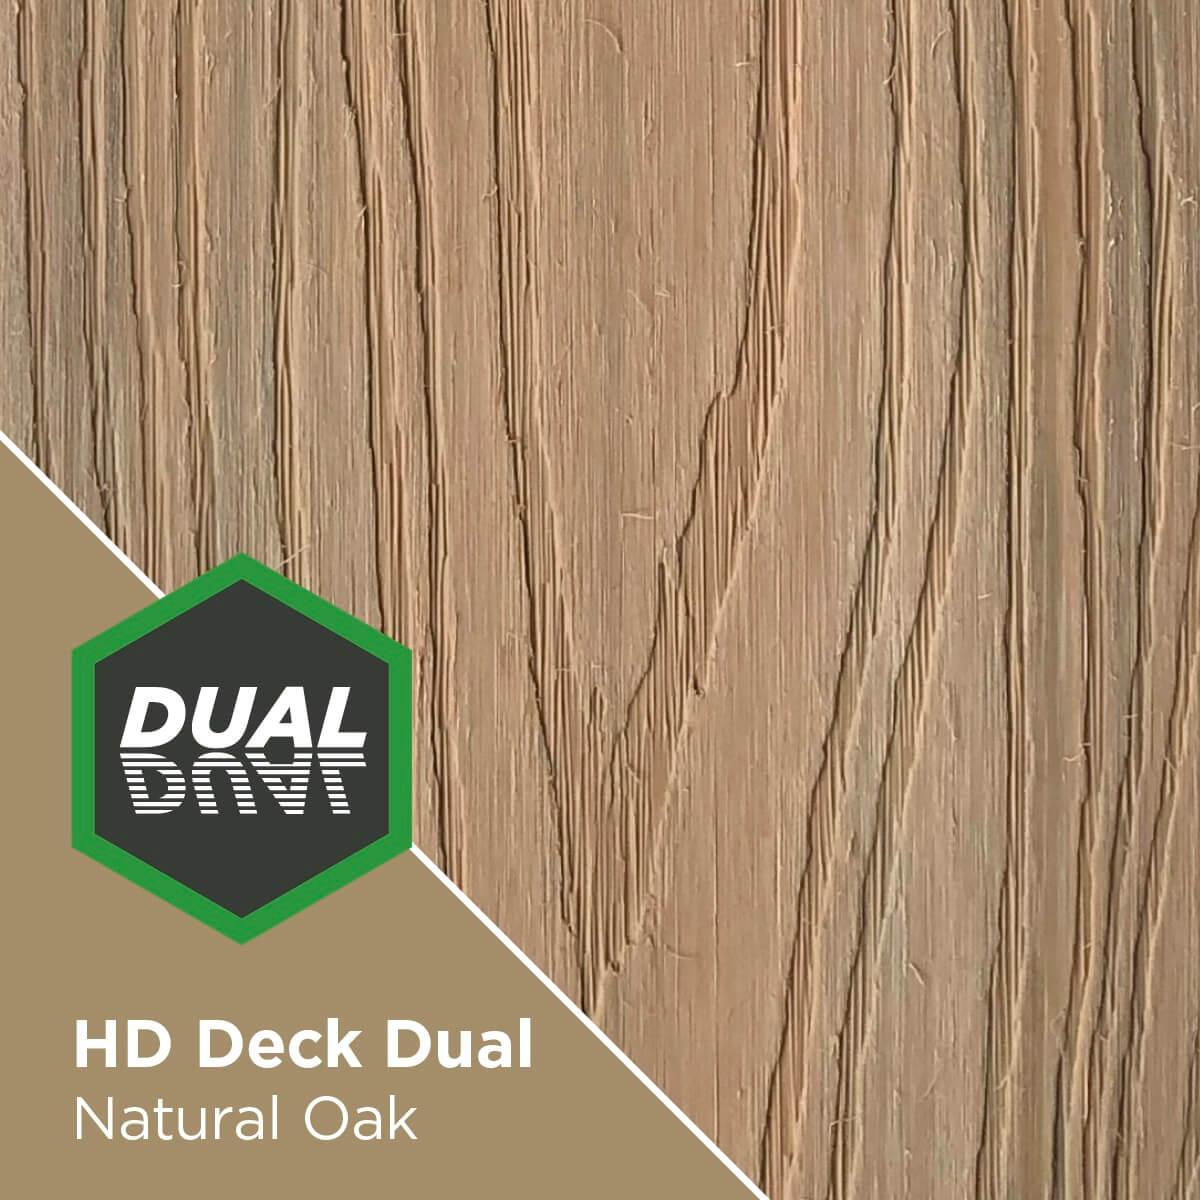 HD Deck Dual Natural Oak